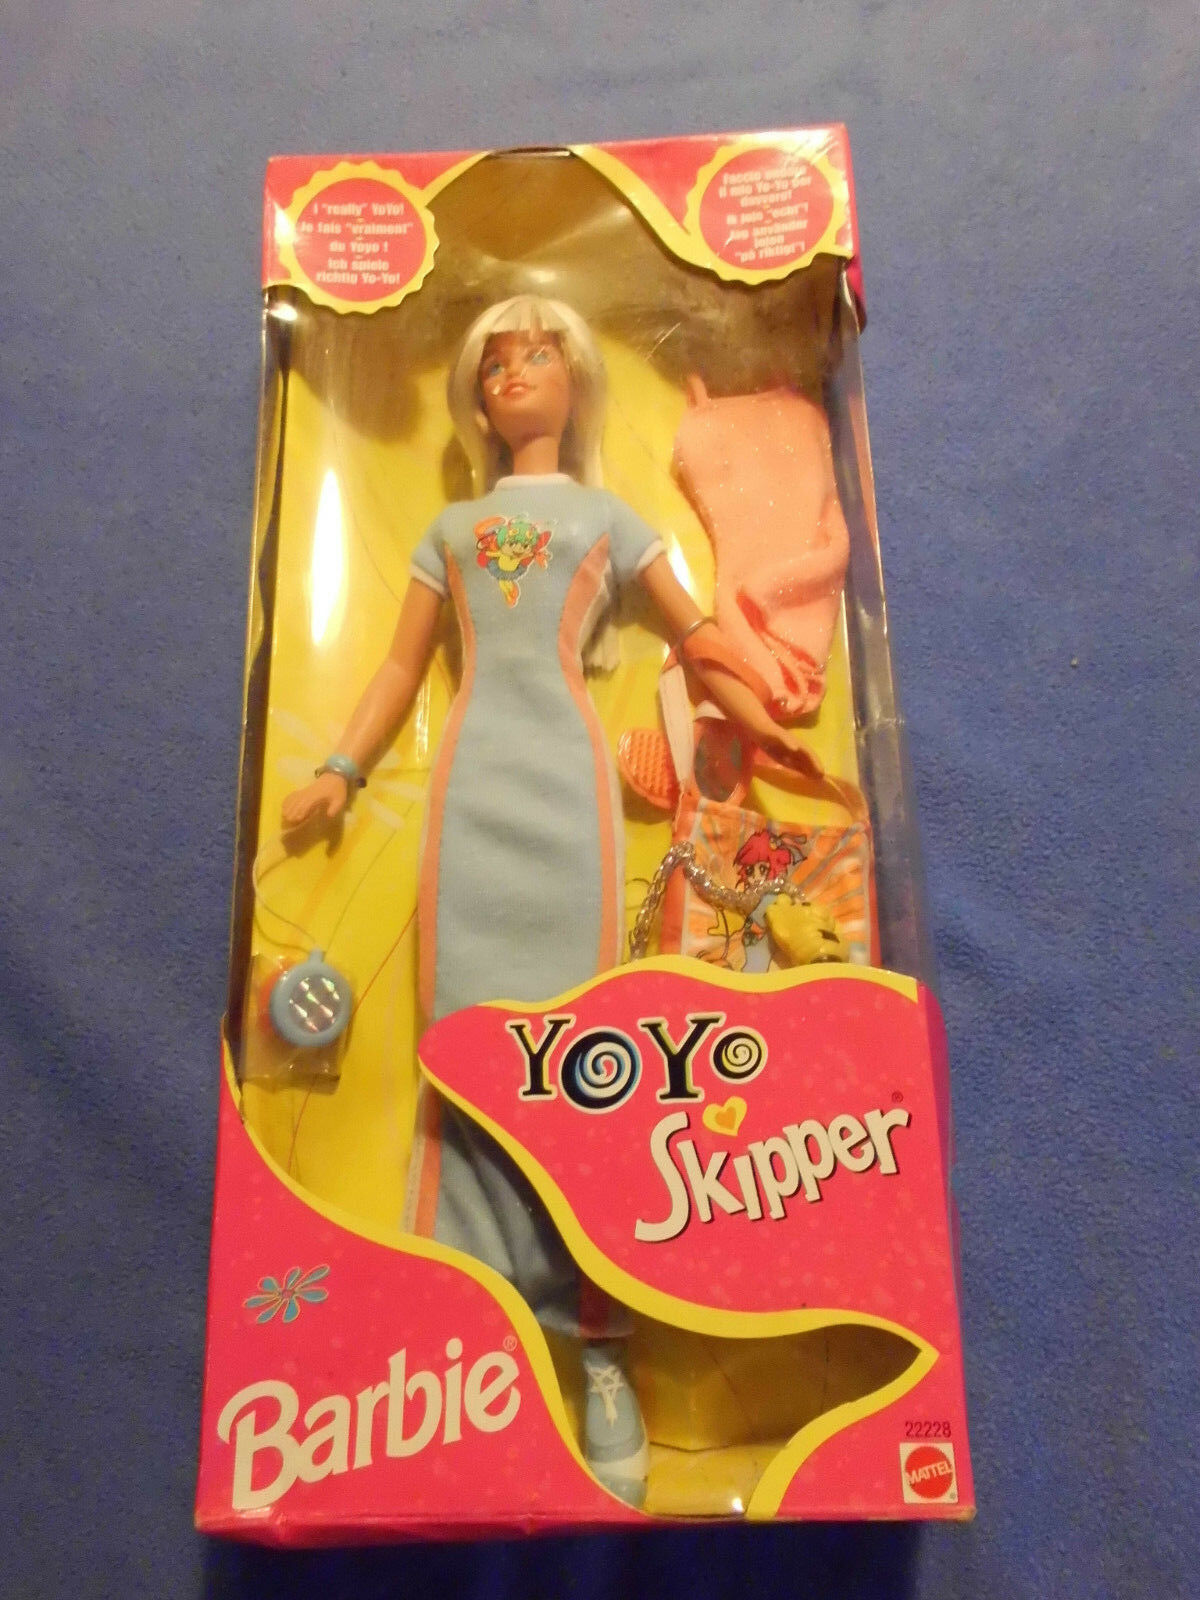 Süpersüße Barbie - YoYo Skipper Puppe in OVP von 1998